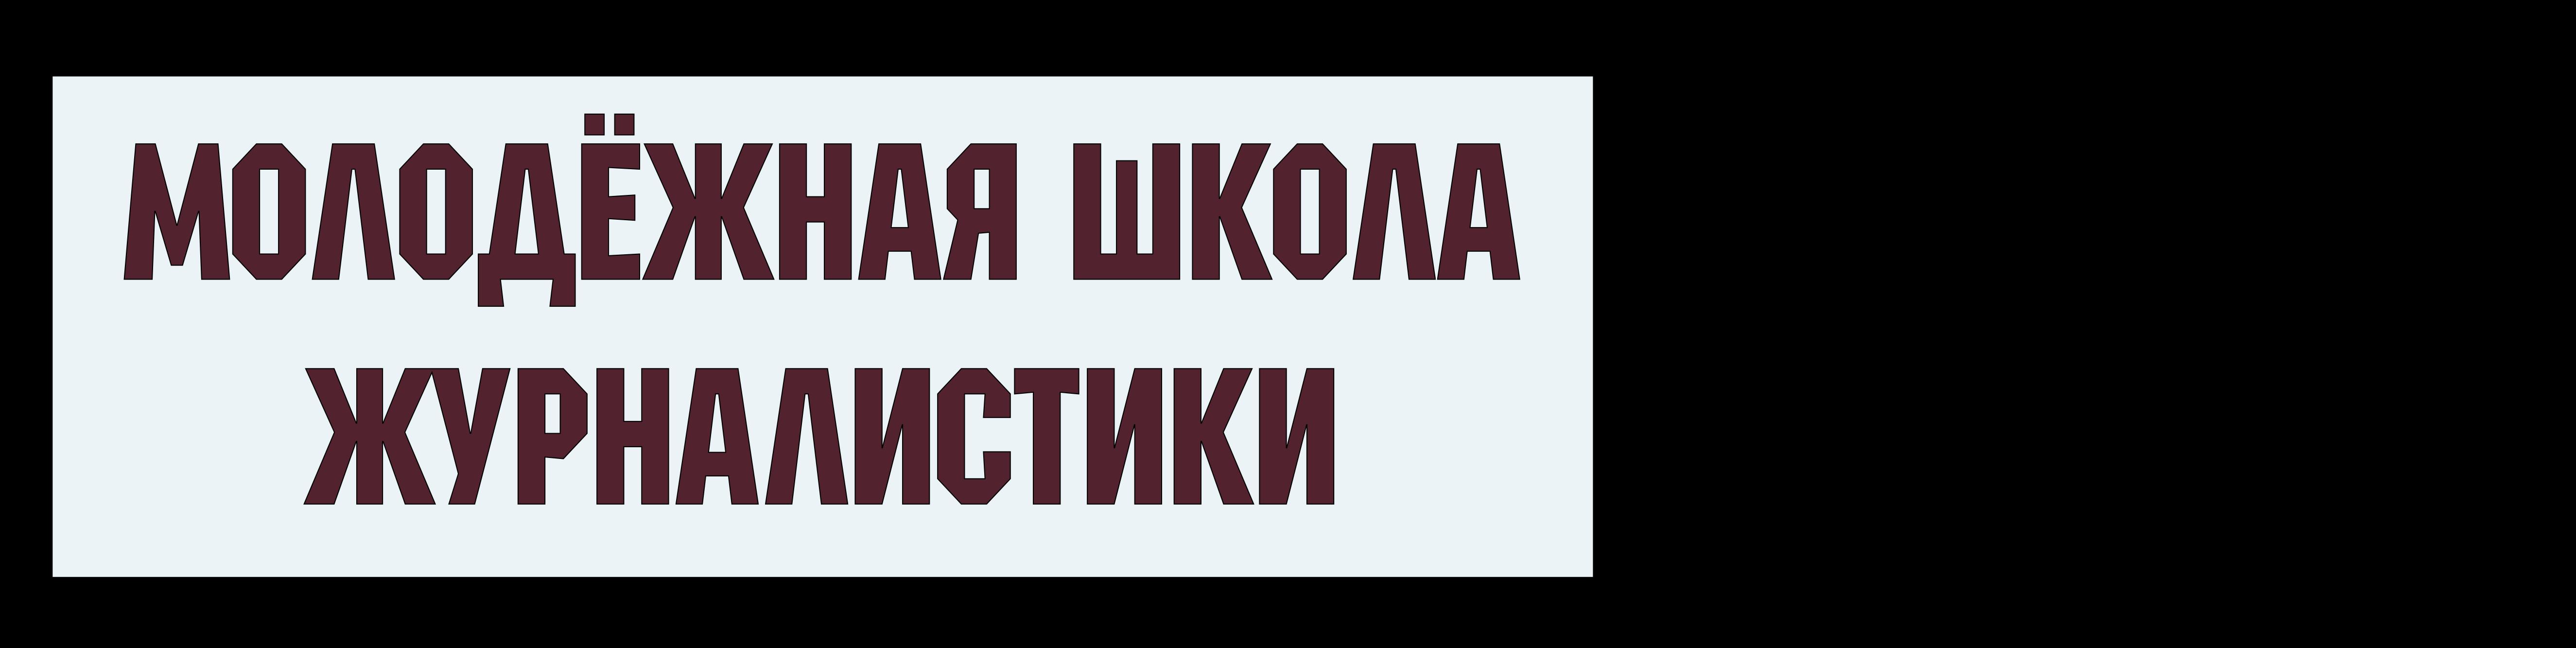 школа журн лого